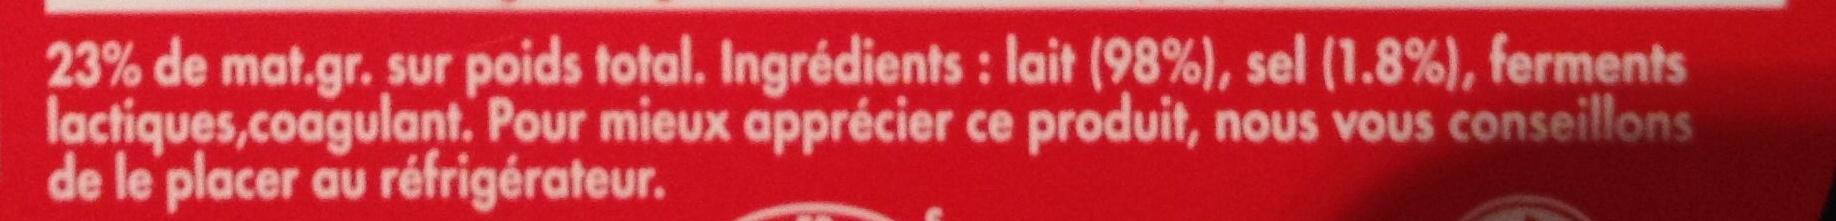 Mini Babybel (23 % MG) - Ingredienti - fr